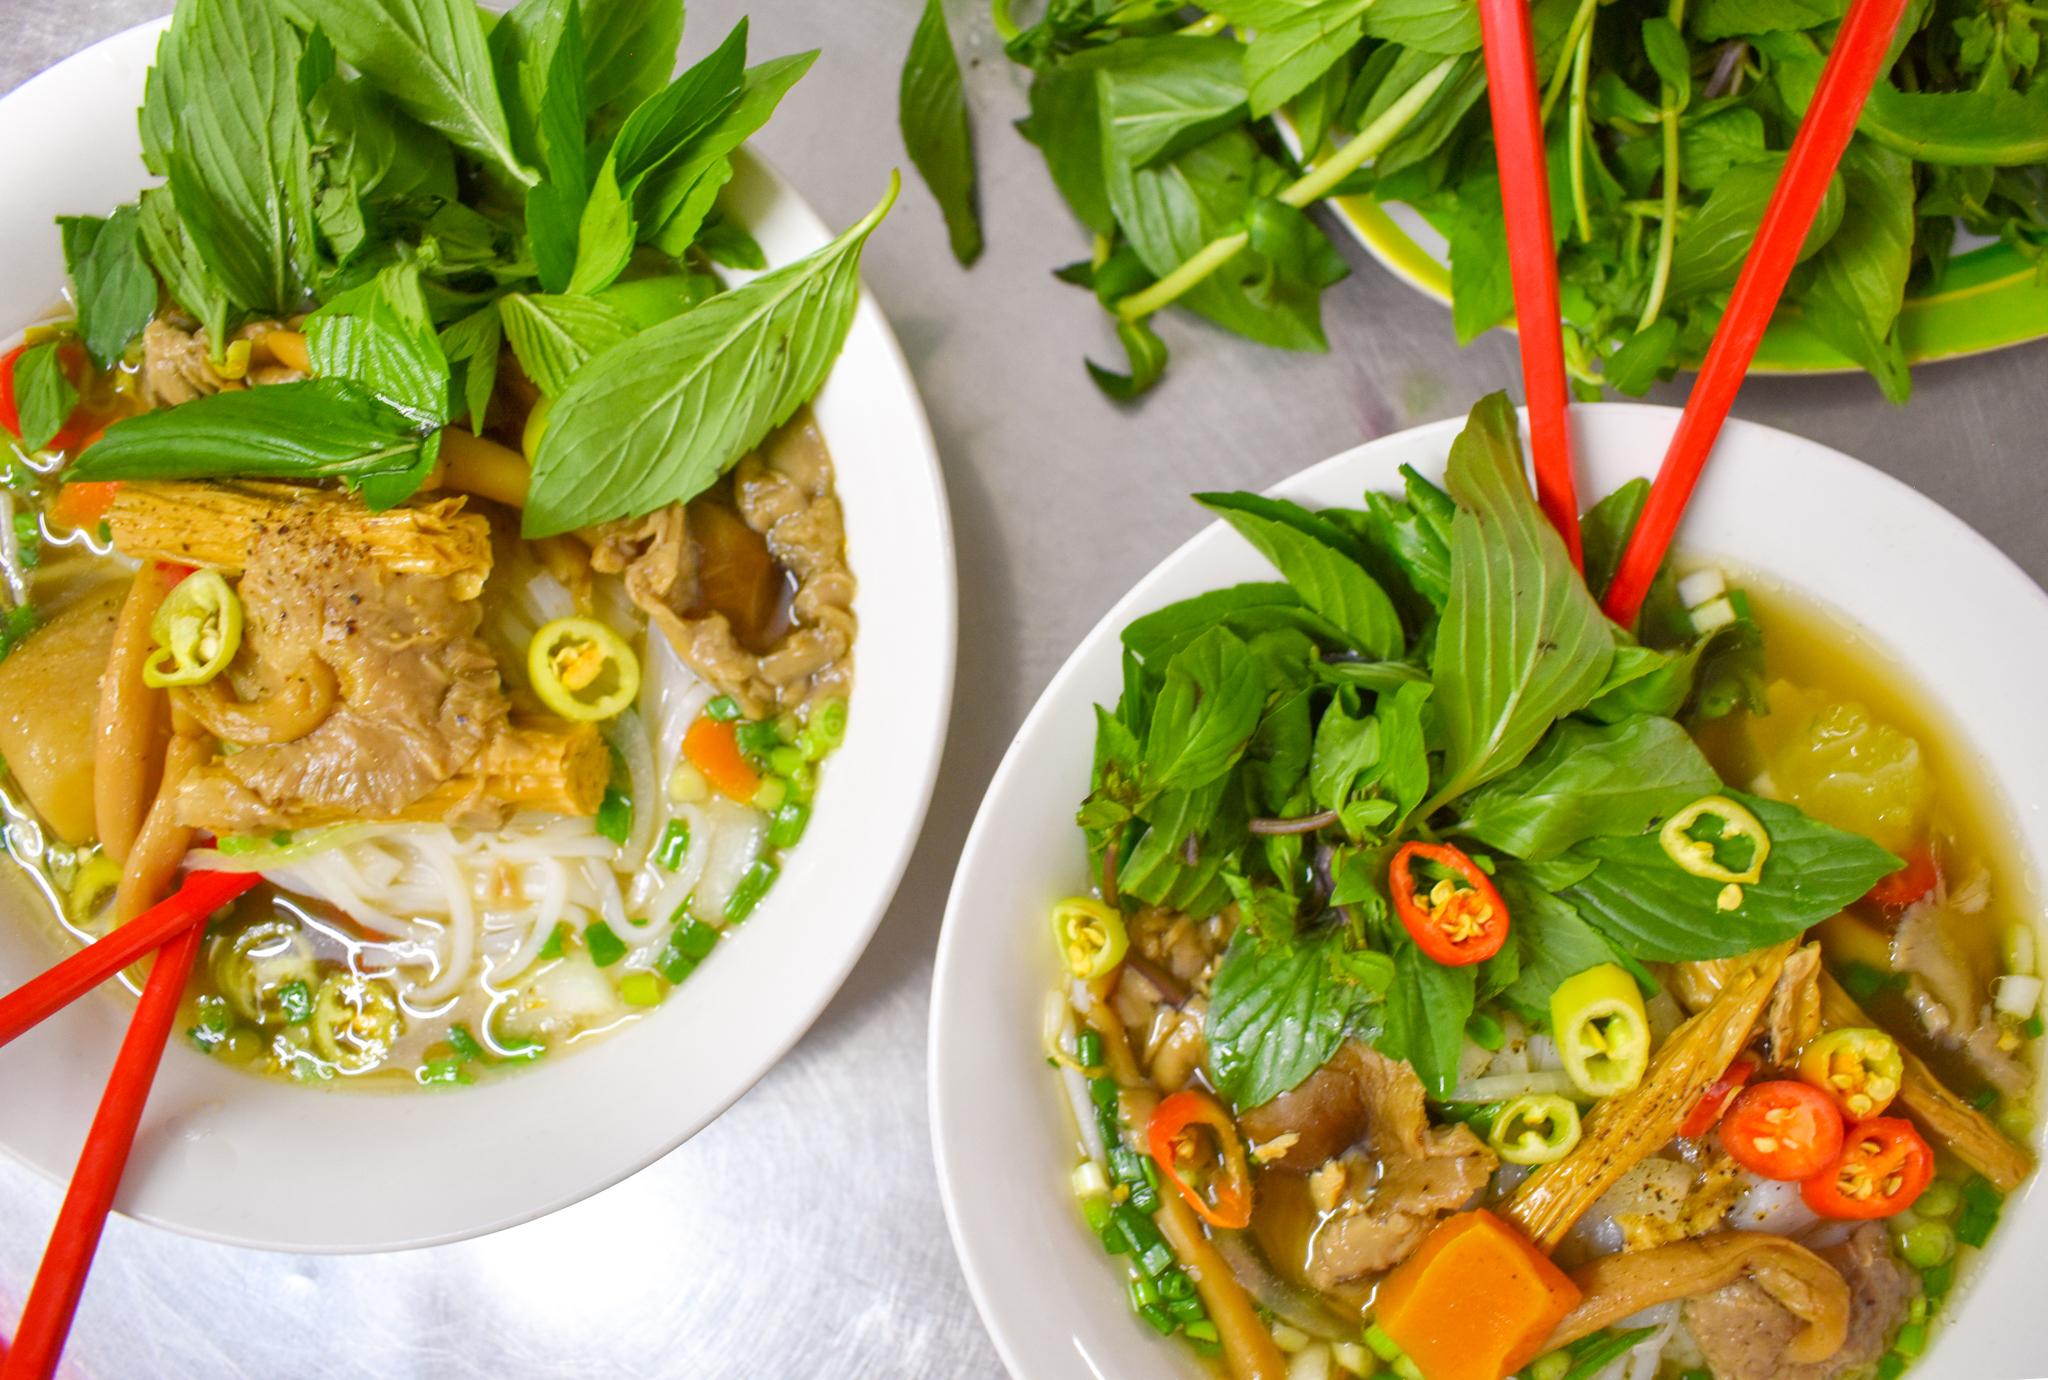 Uprooted-Traveler-Ho-Chi-Minh-Phở-Chay-Như-vegan-saigon-pho-guide.jpg